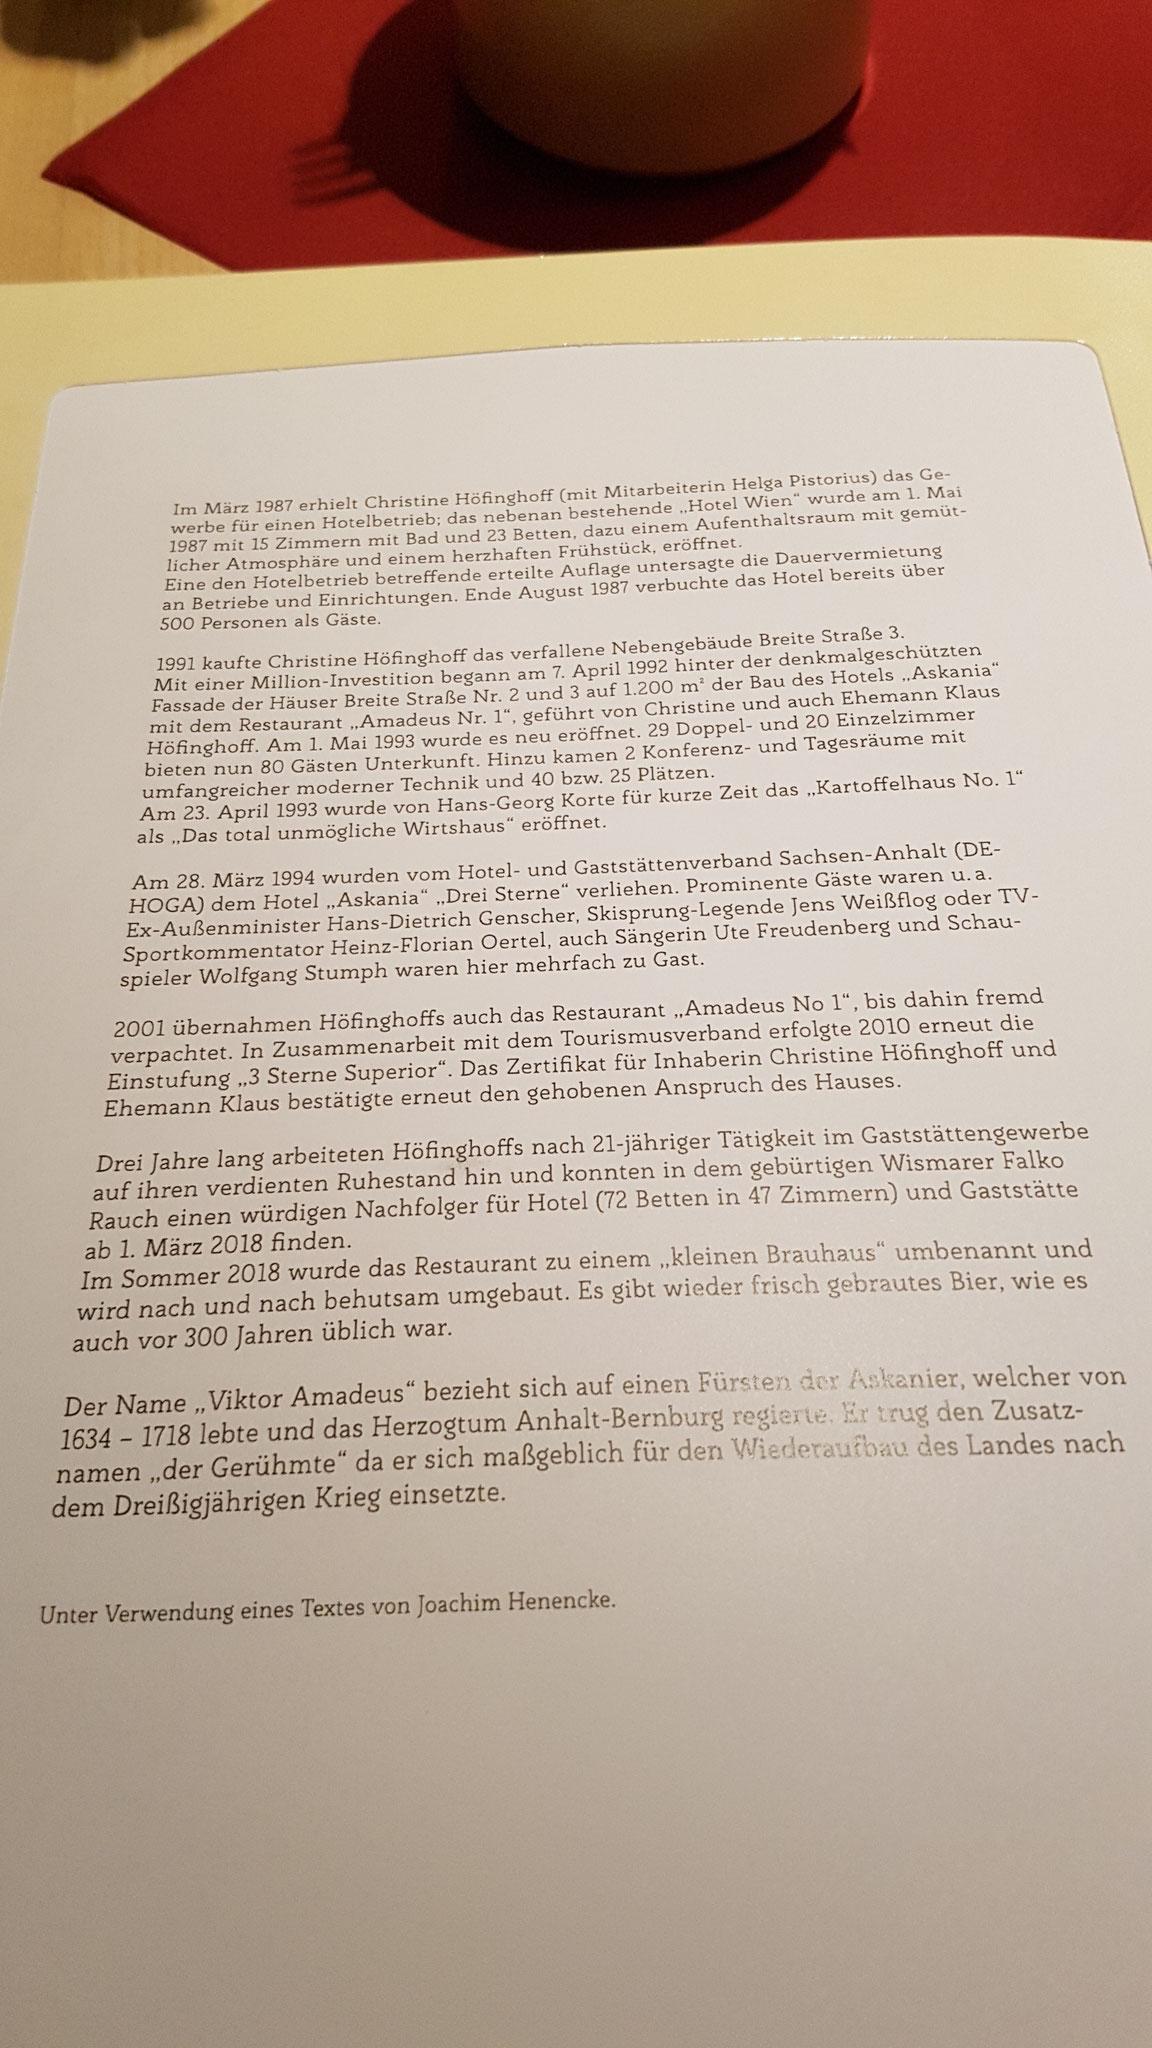 Geschichte des Hauses.